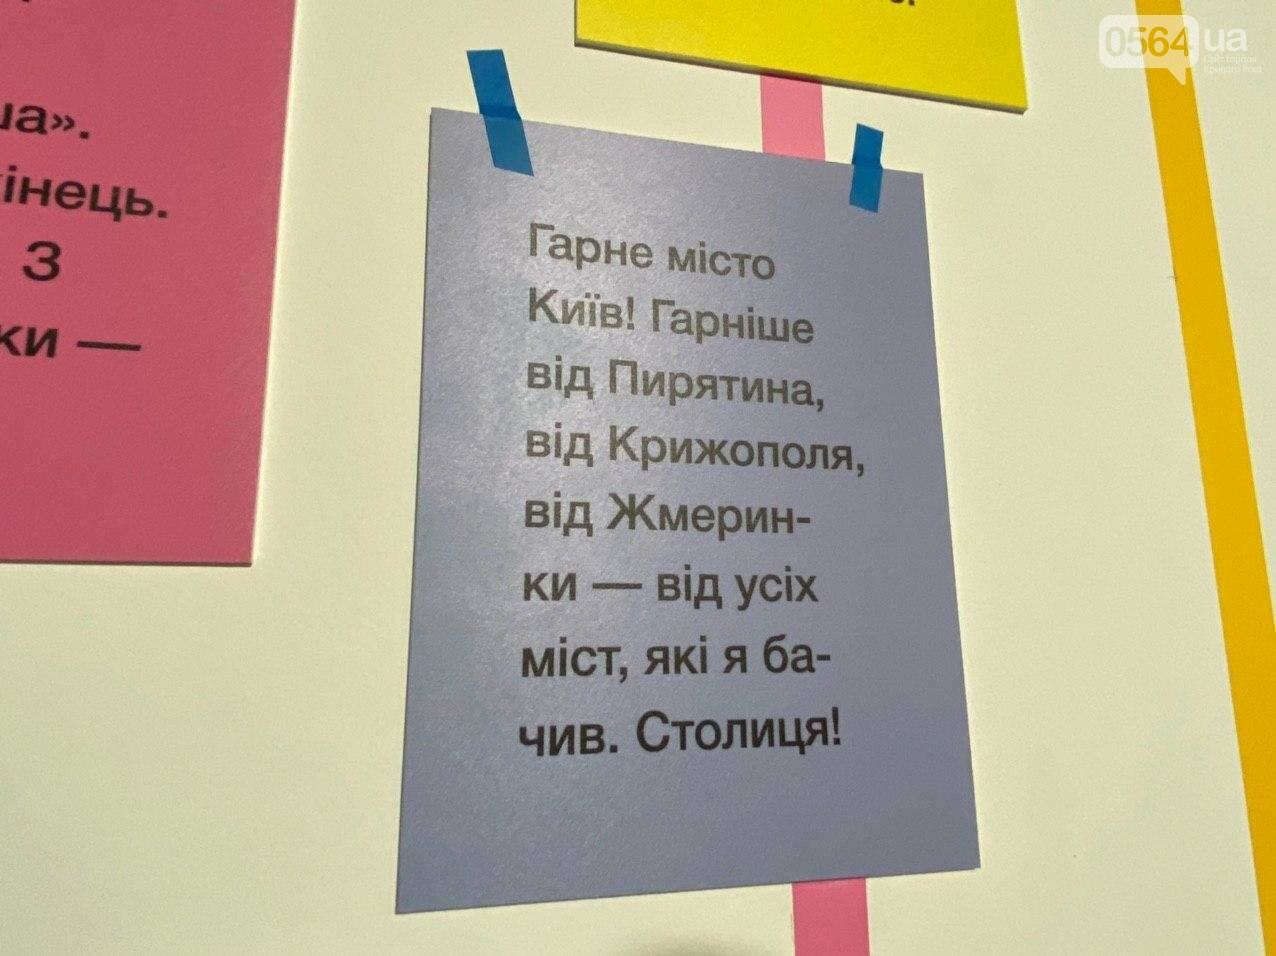 Ukraine WOW: что можно было узнать о Кривом Роге на интерактивной выставке, - ФОТО , фото-68